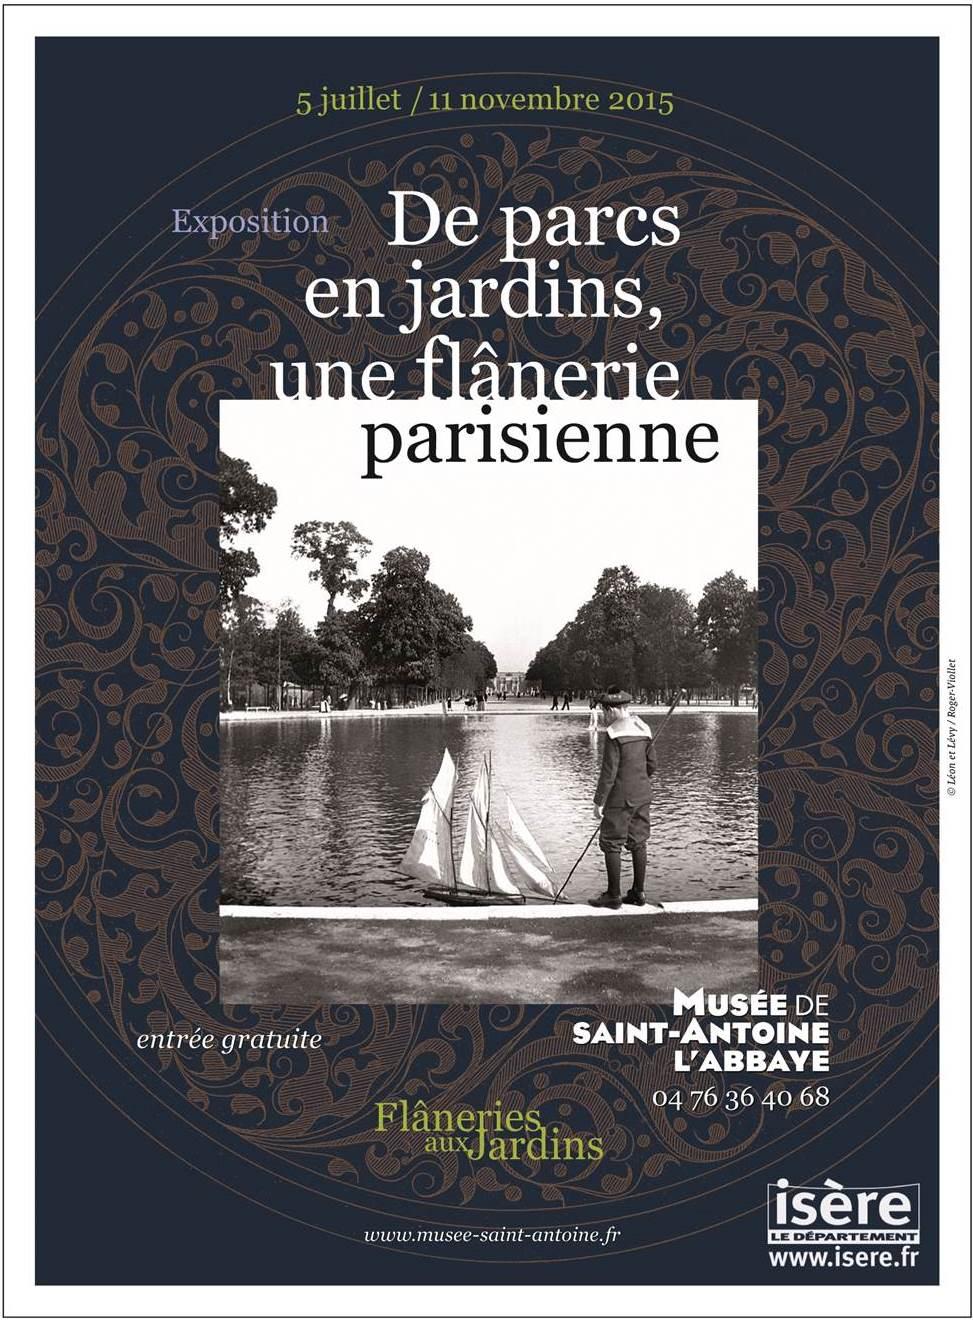 Visuel de l'exposition De parcs en jardins, une flânerie parisienne